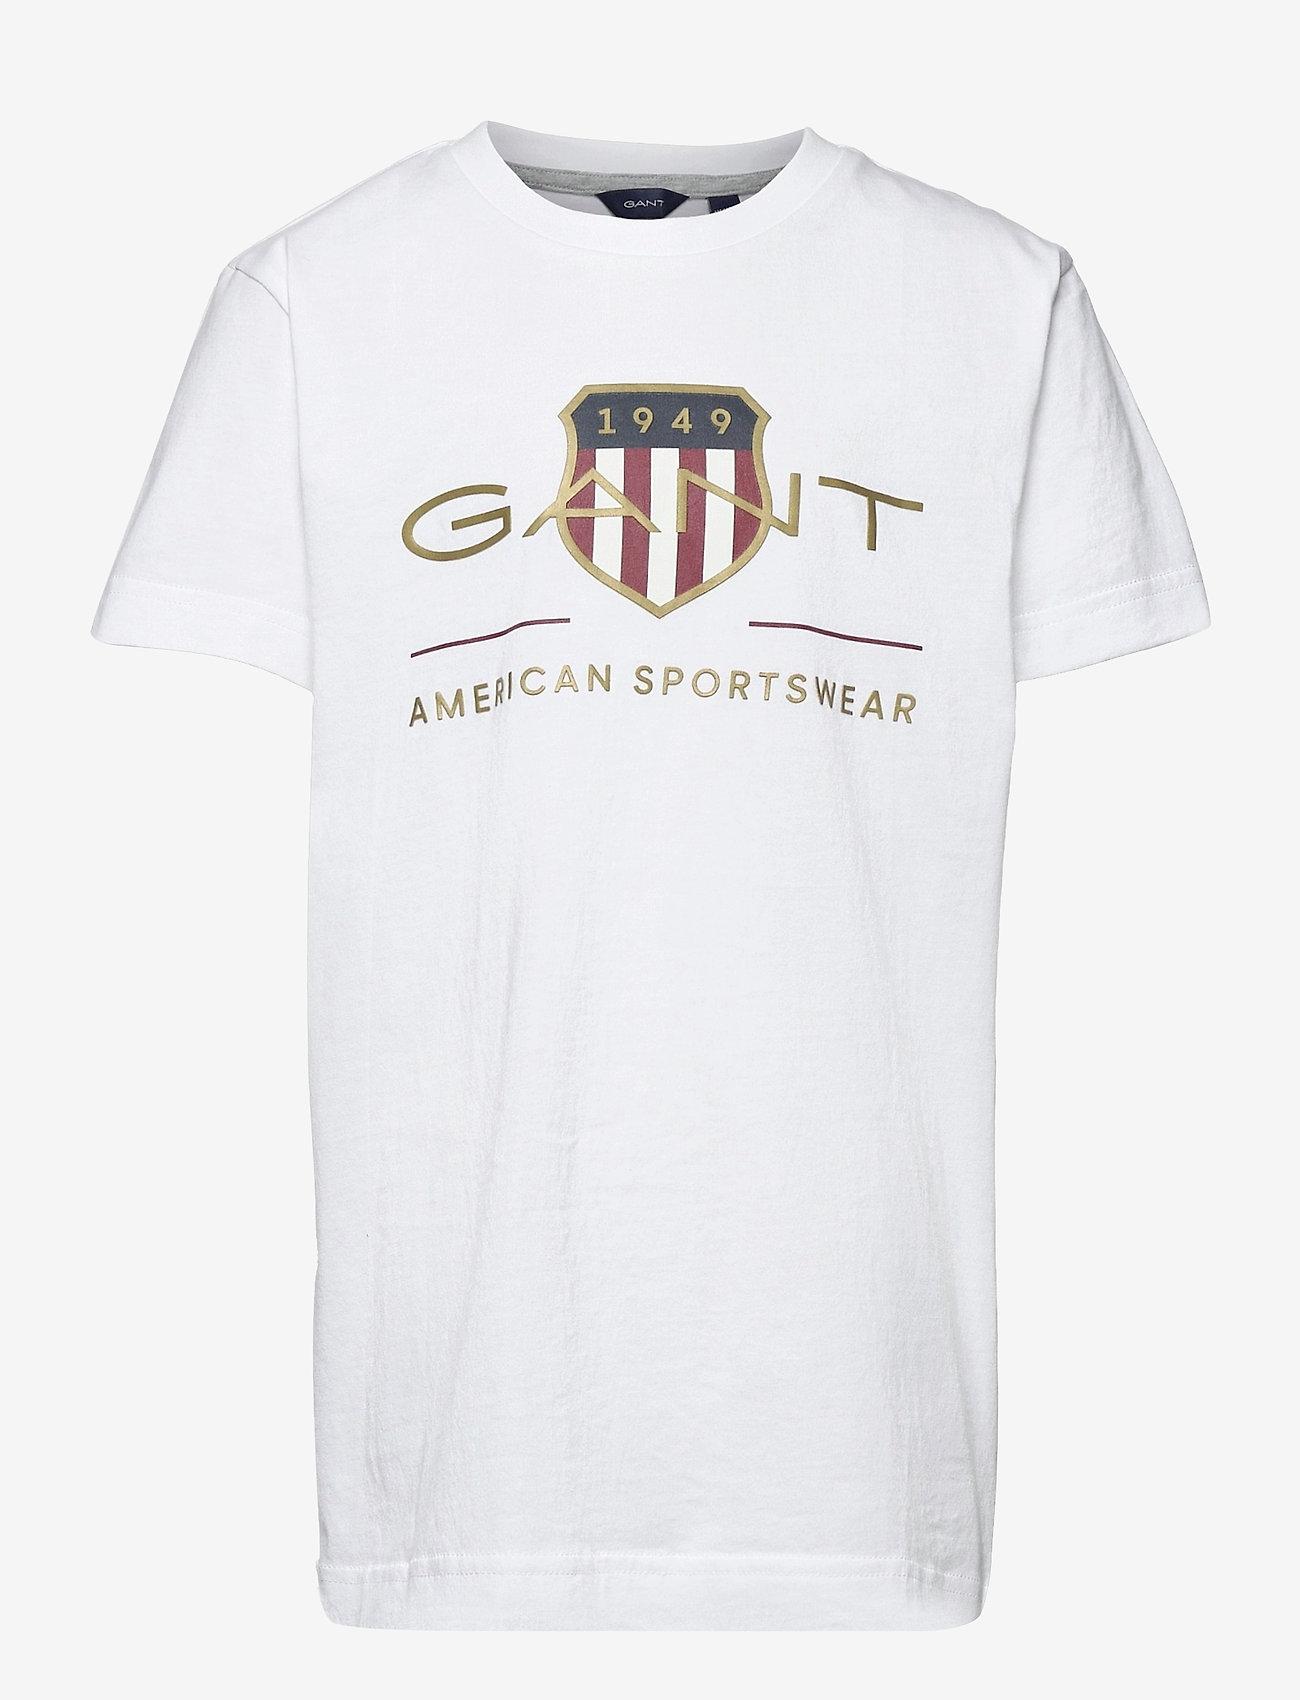 GANT - ARCHIVE SHIELD SS T-SHIRT - short-sleeved - white - 0